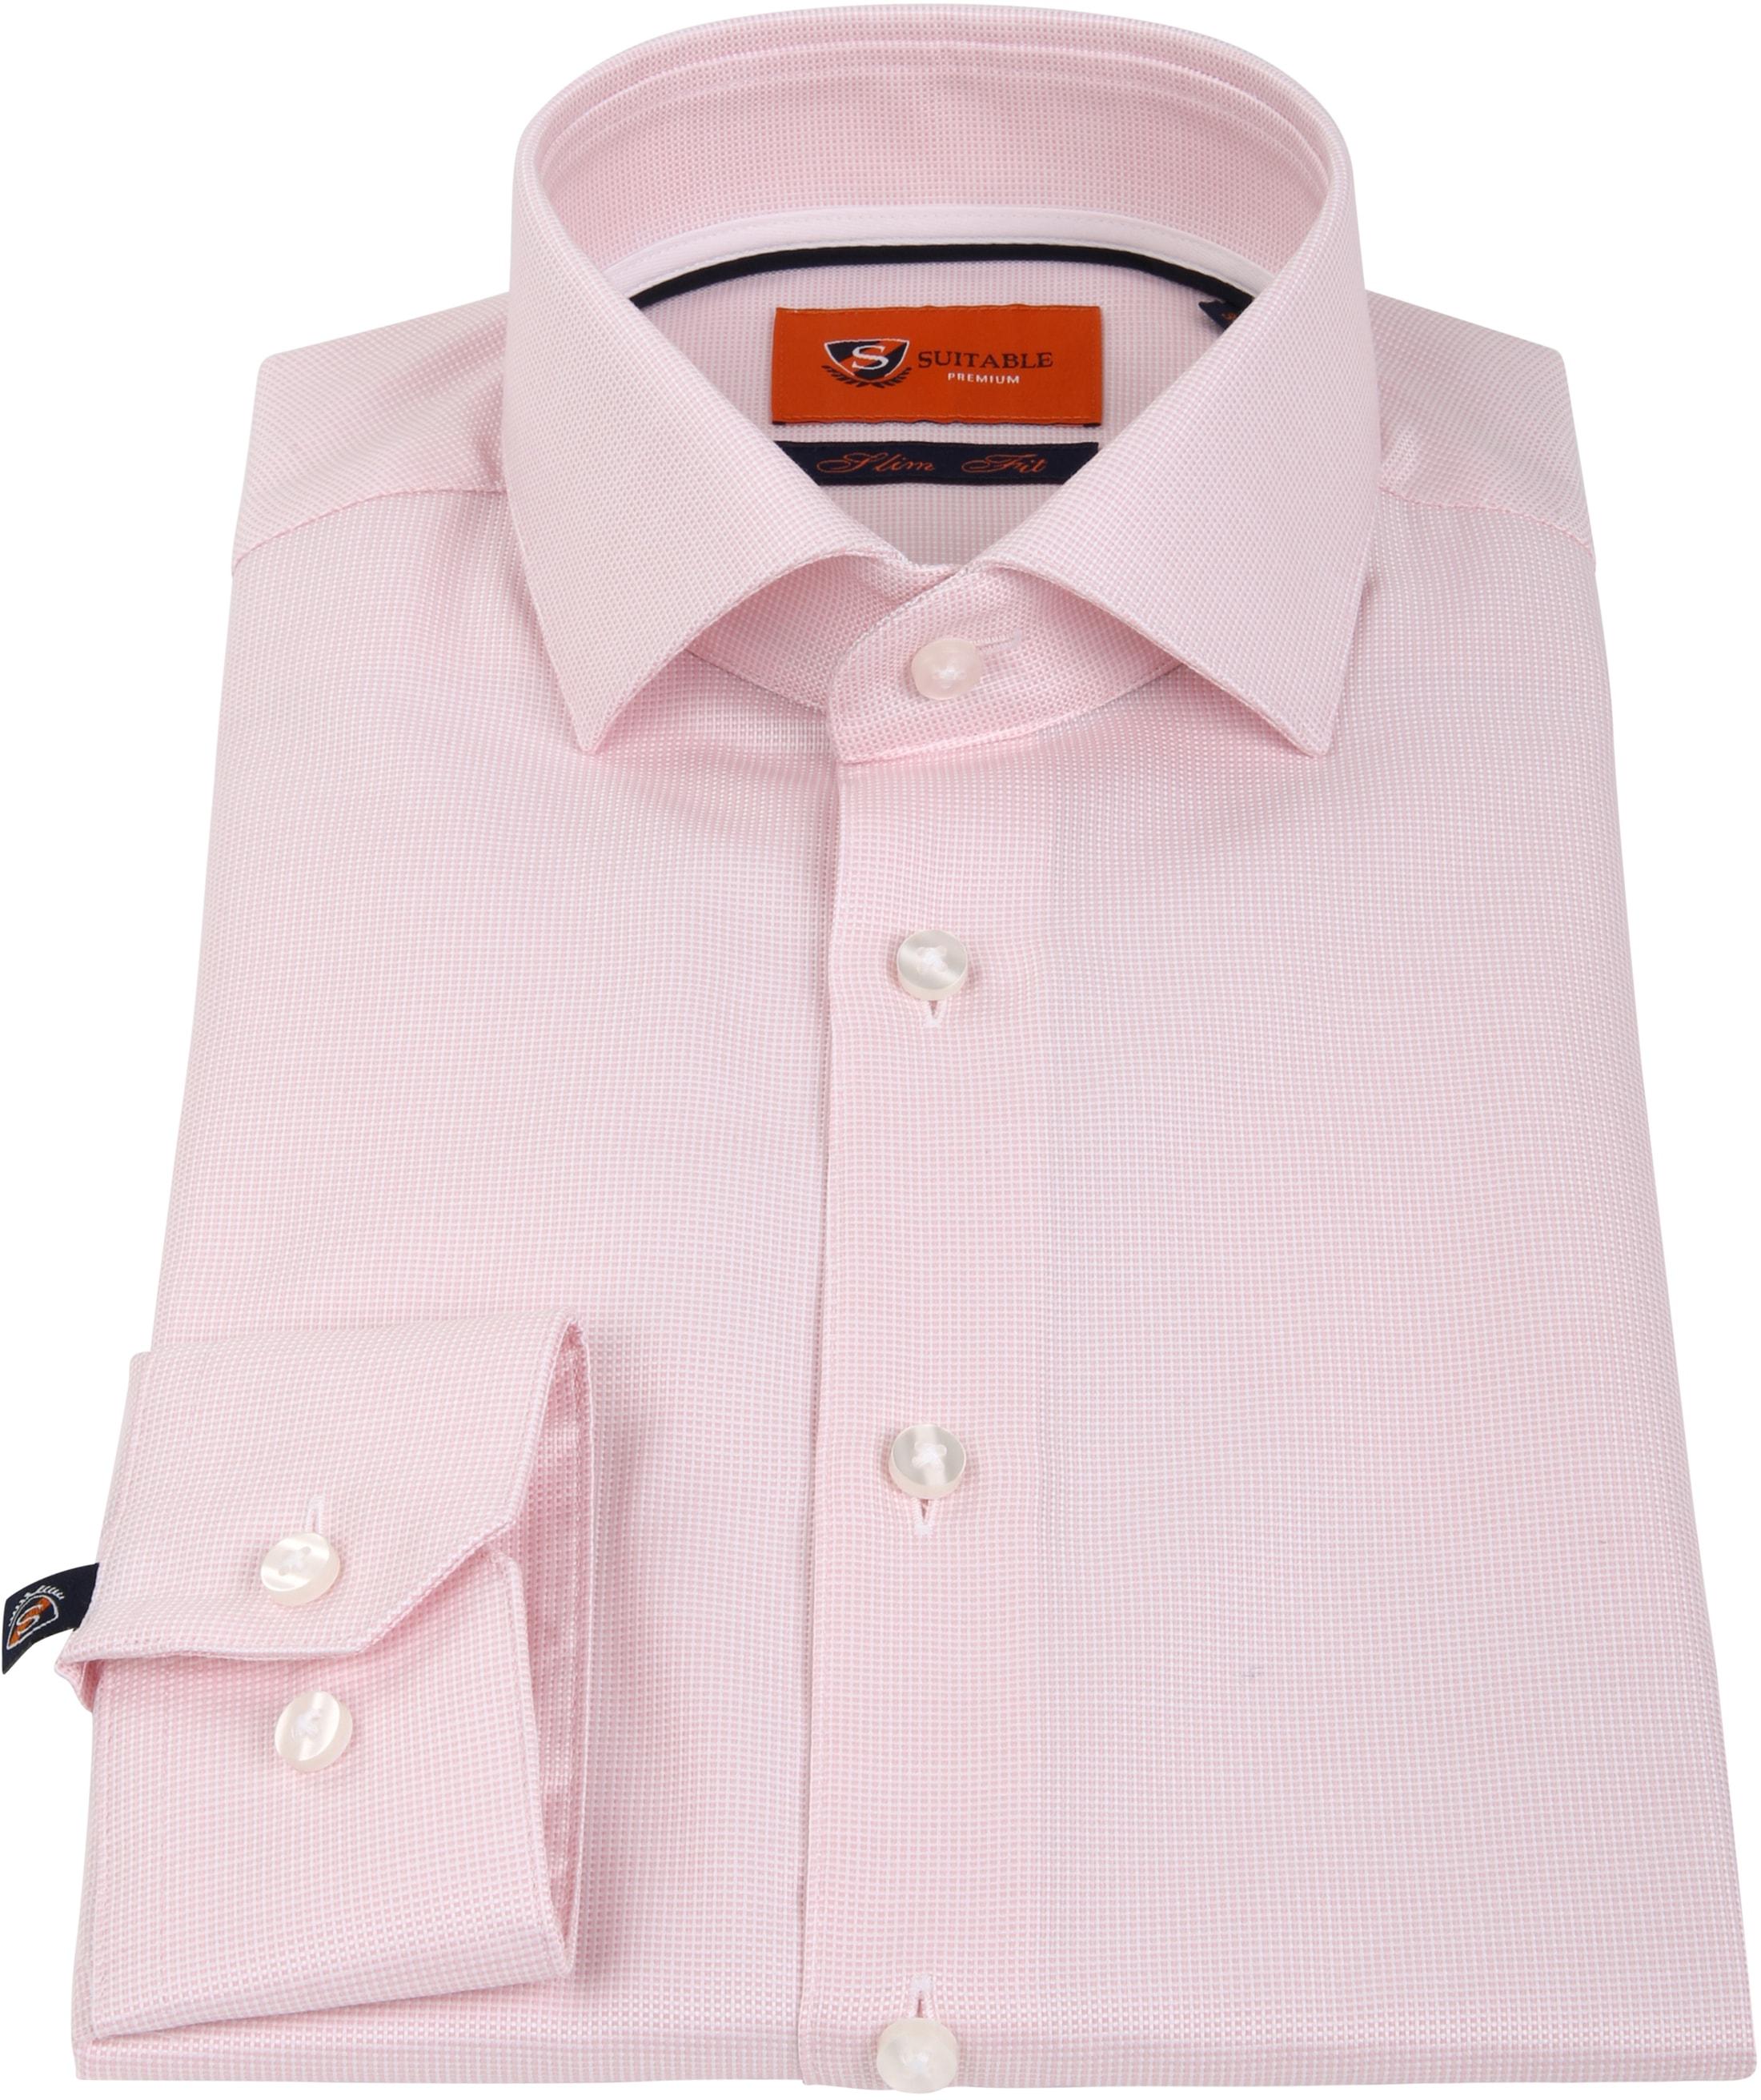 Suitable Overhemd Roze D81-16 foto 2